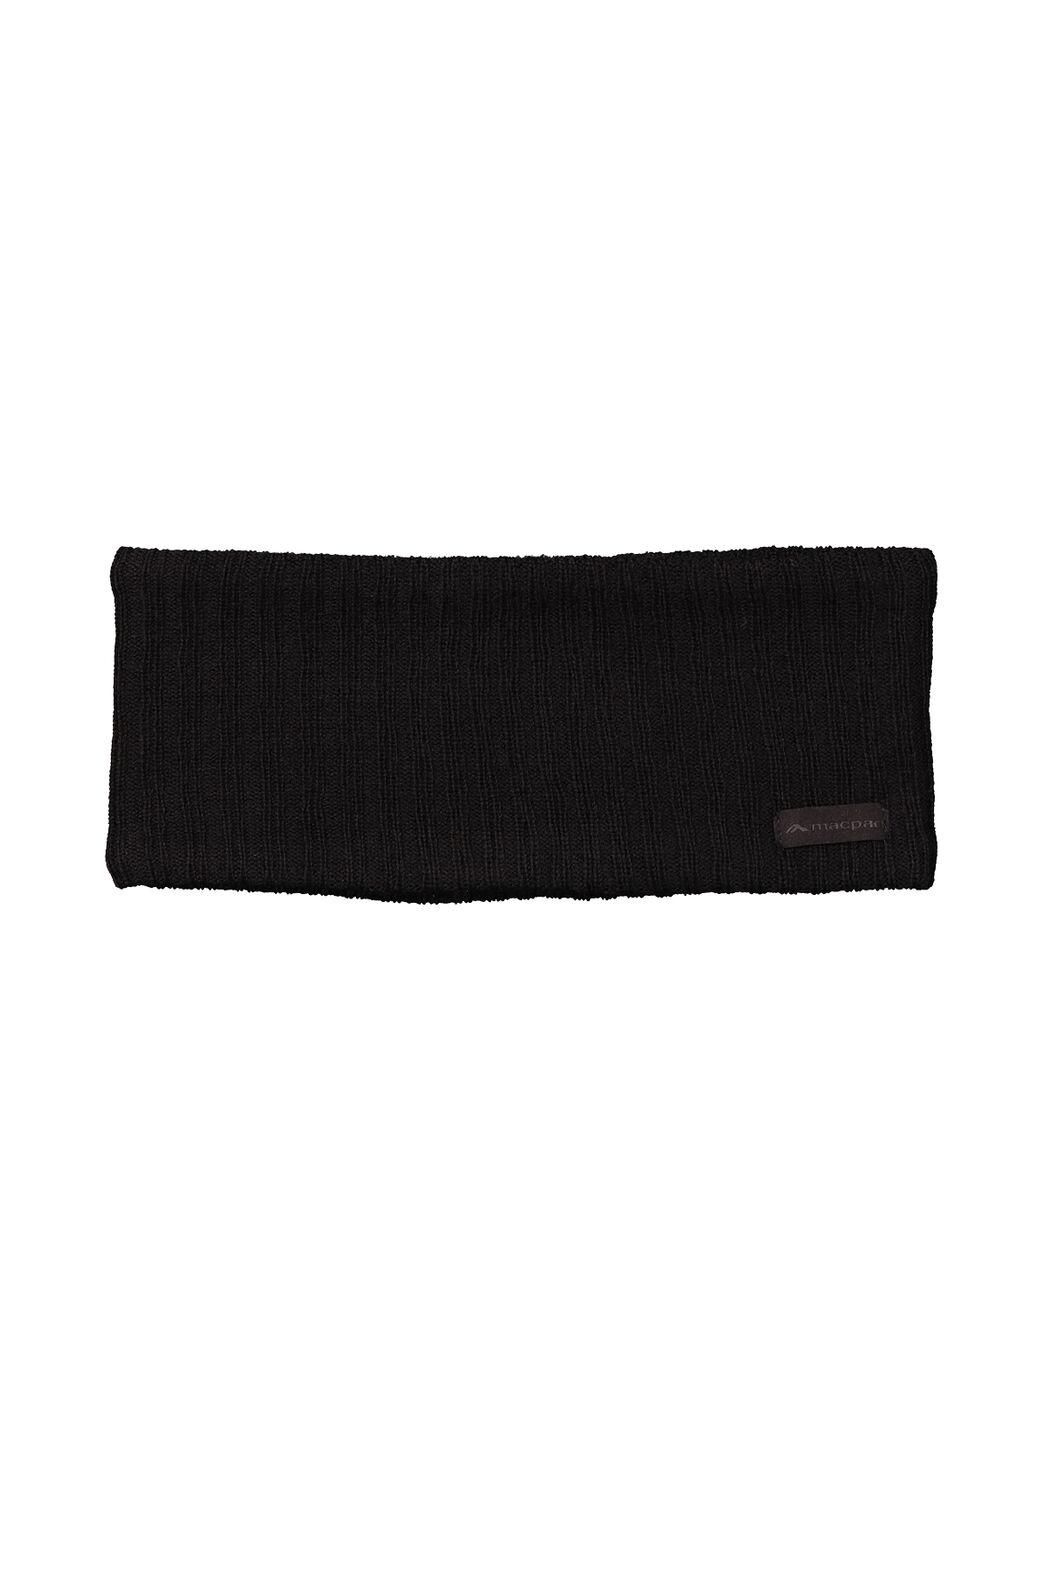 Macpac Merino Headband, Black, hi-res